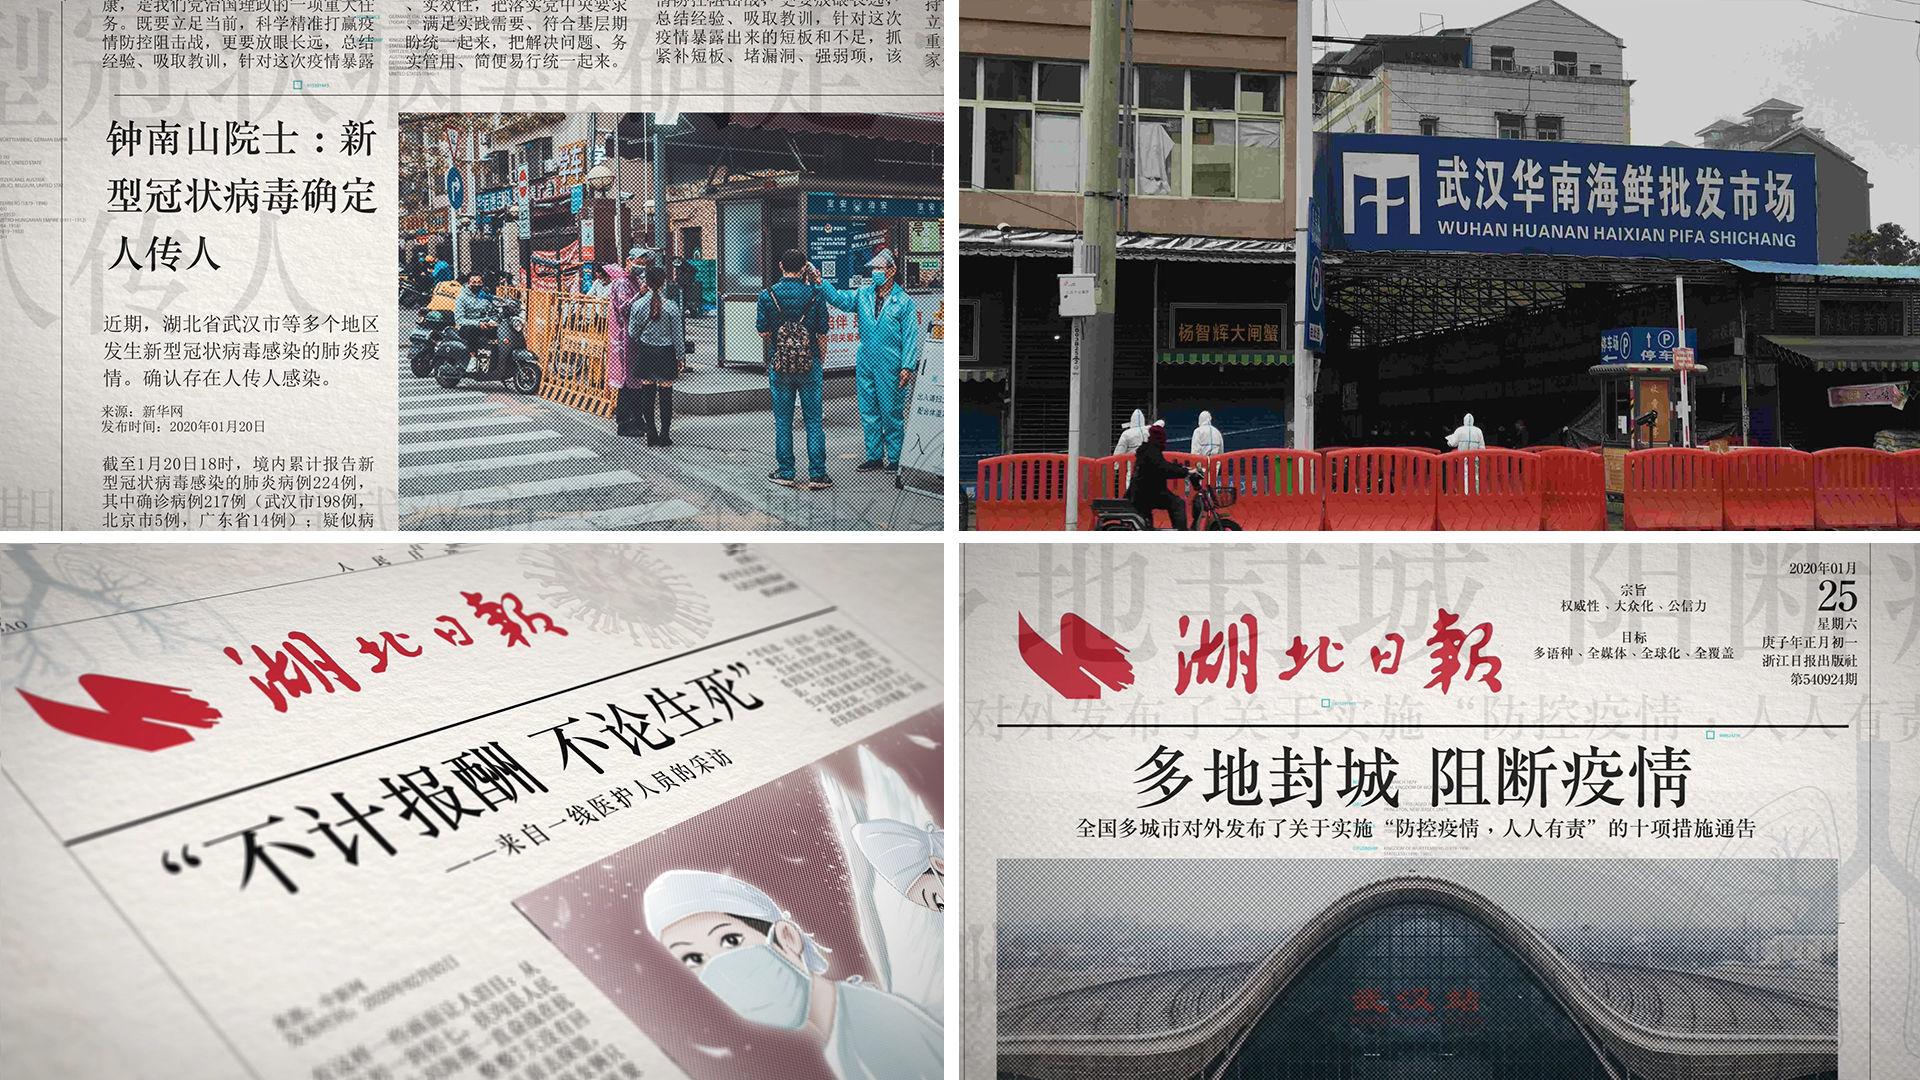 【原创】武汉疫情冠状病毒新闻报道AE模板